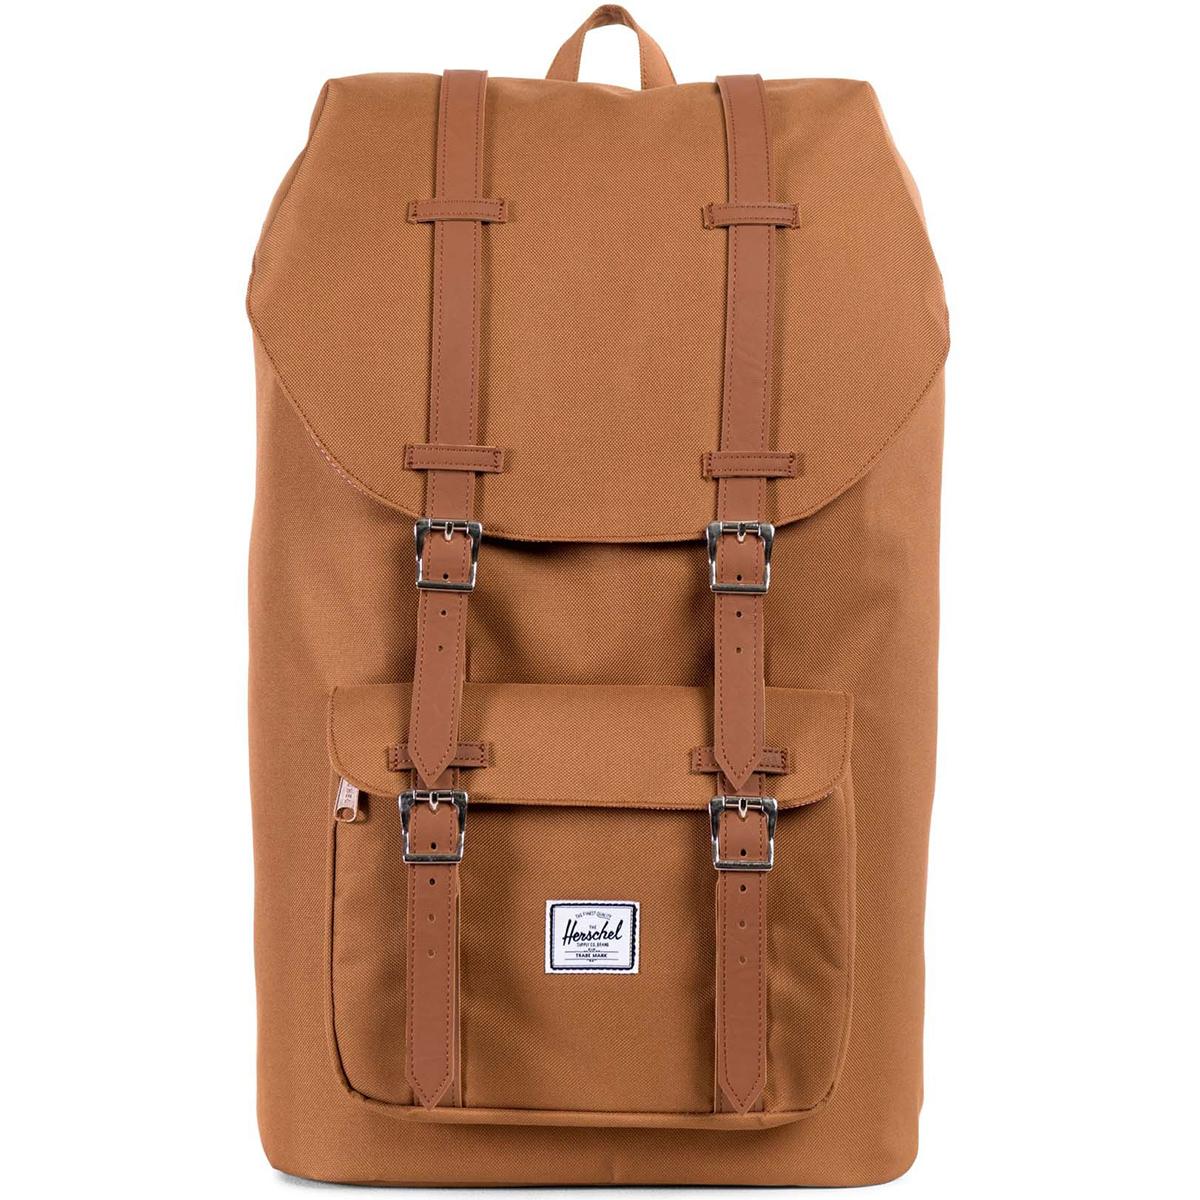 Рюкзак городской Herschel Little America (A/S), цвет: светло-коричневый. 828432082964828432082964Рюкзак Herschel Little America ™ одна из самых значимых моделей, соединяя классический альпинистский стиль с современной функциональностью. Для повседневного использования.